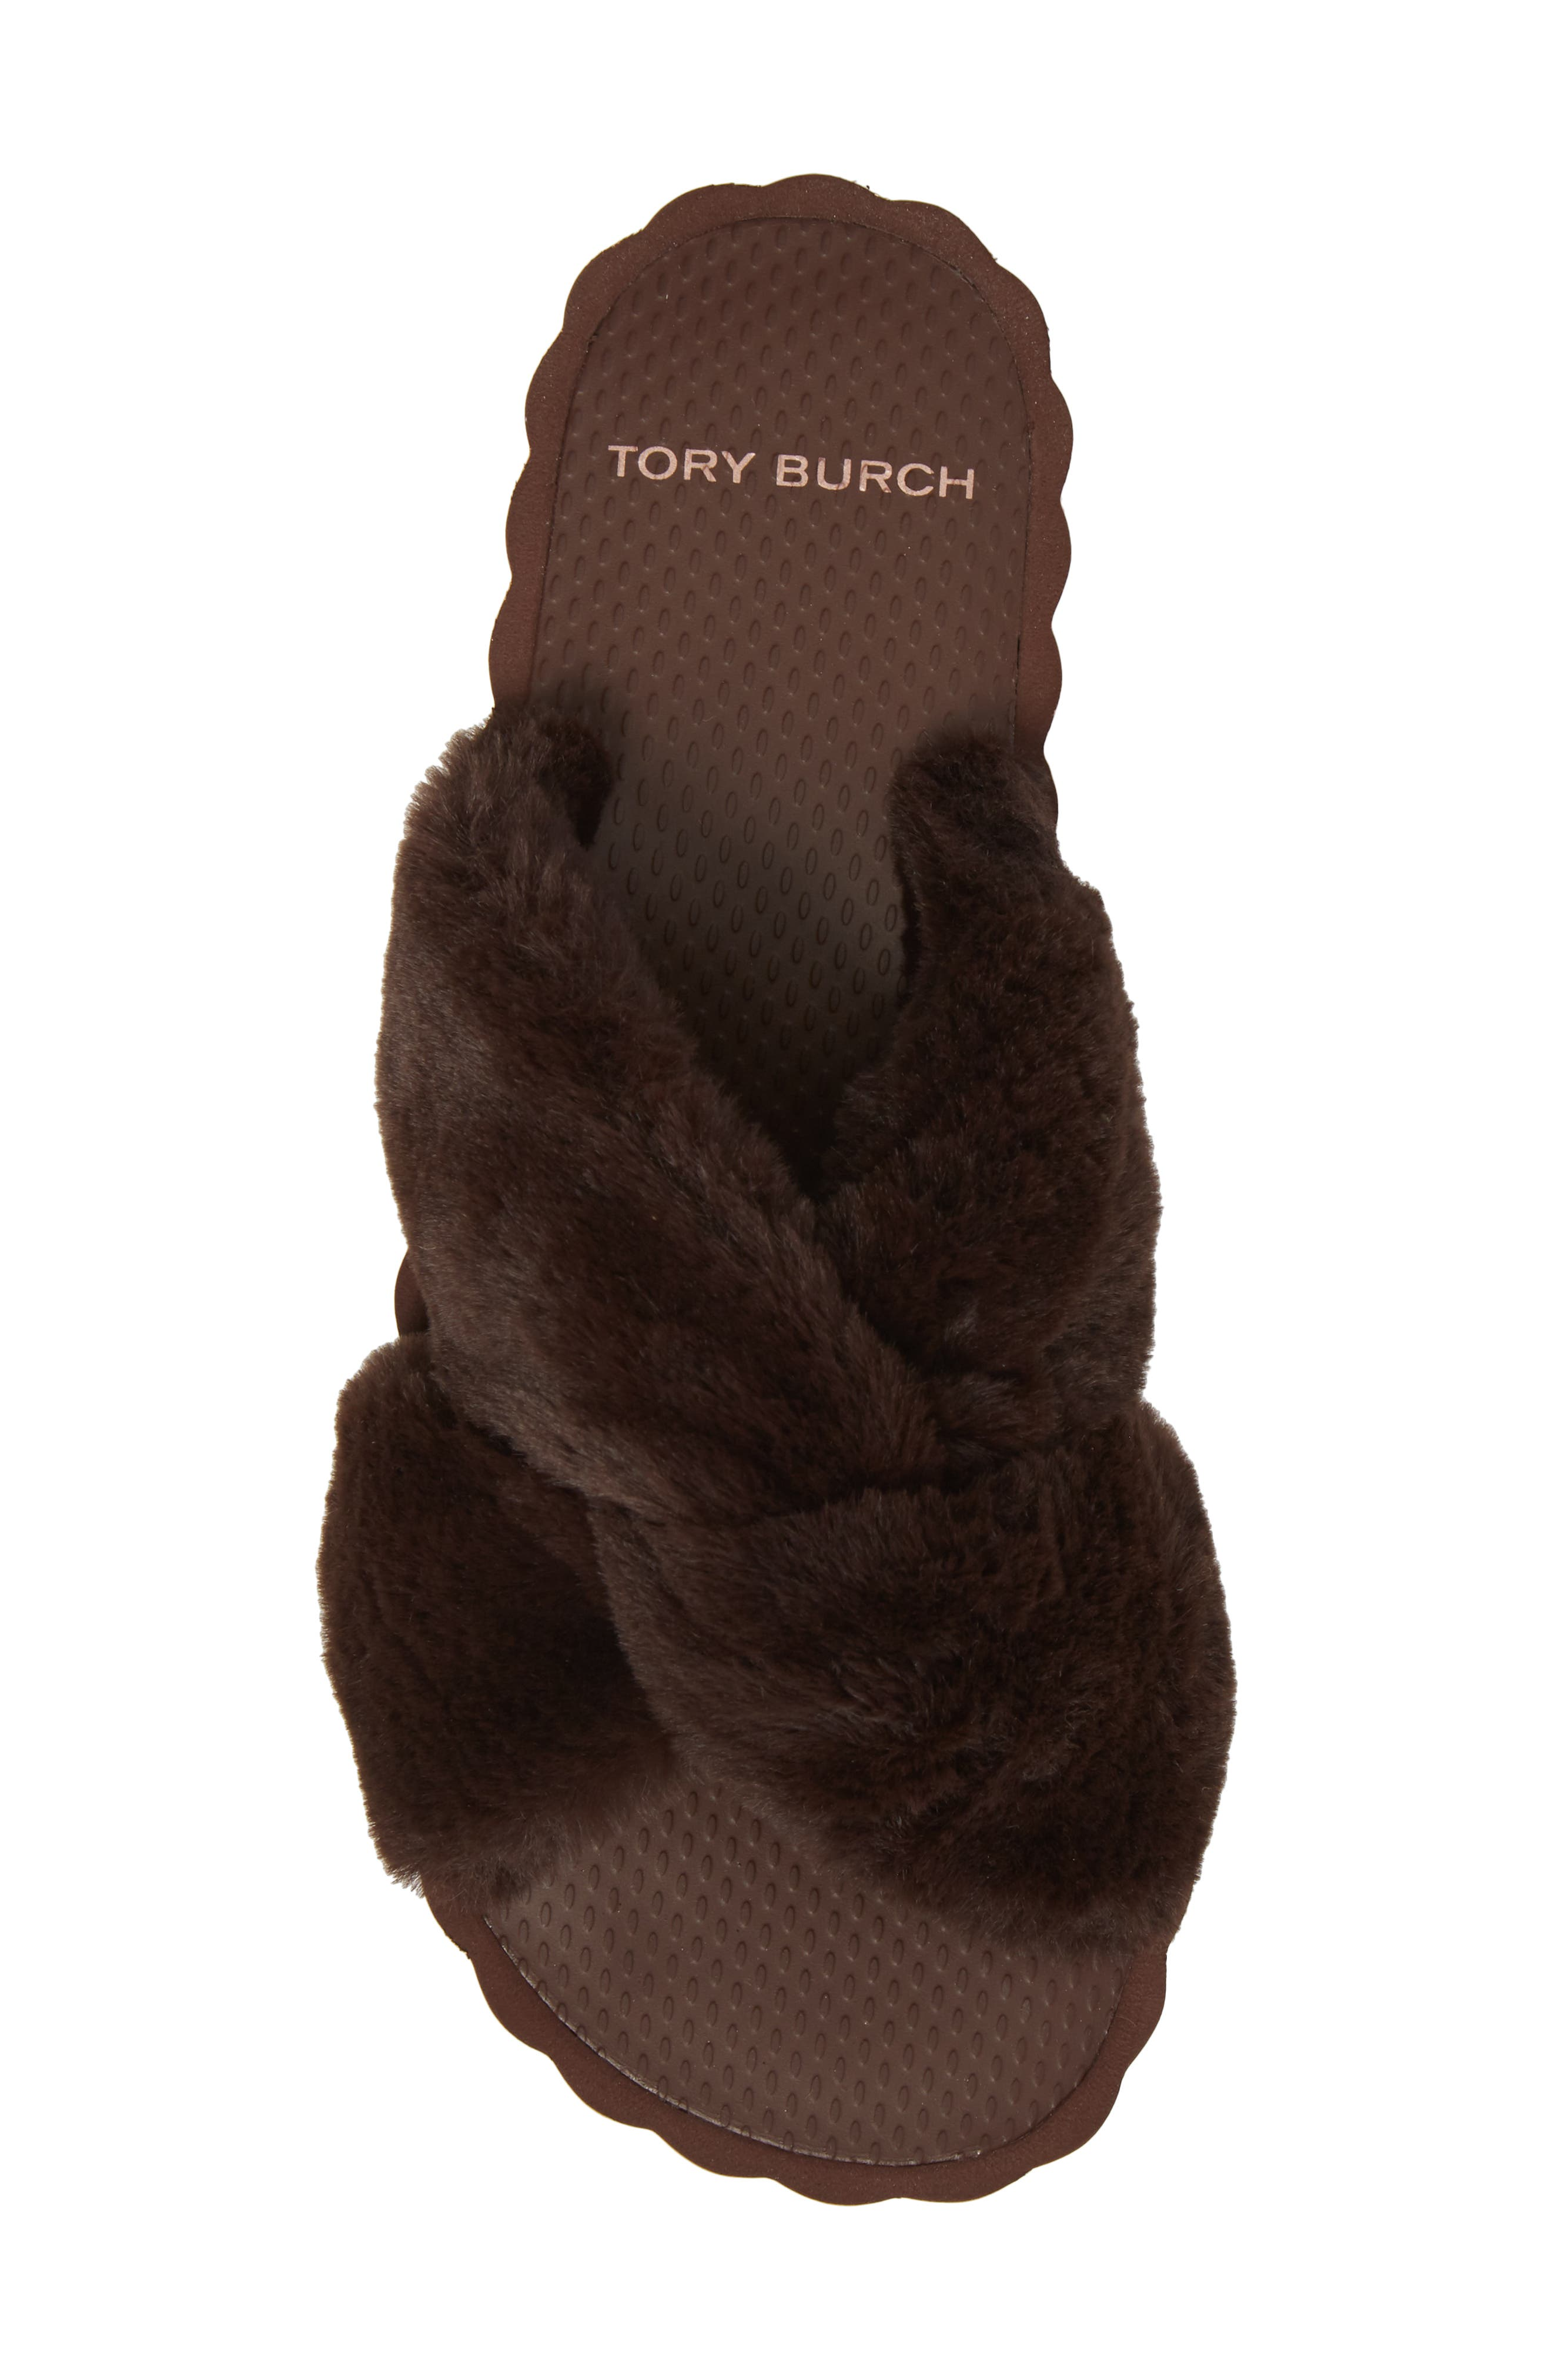 TORY BURCH,                             Faux Fur Scallop Platform Slide Sandal,                             Alternate thumbnail 5, color,                             207